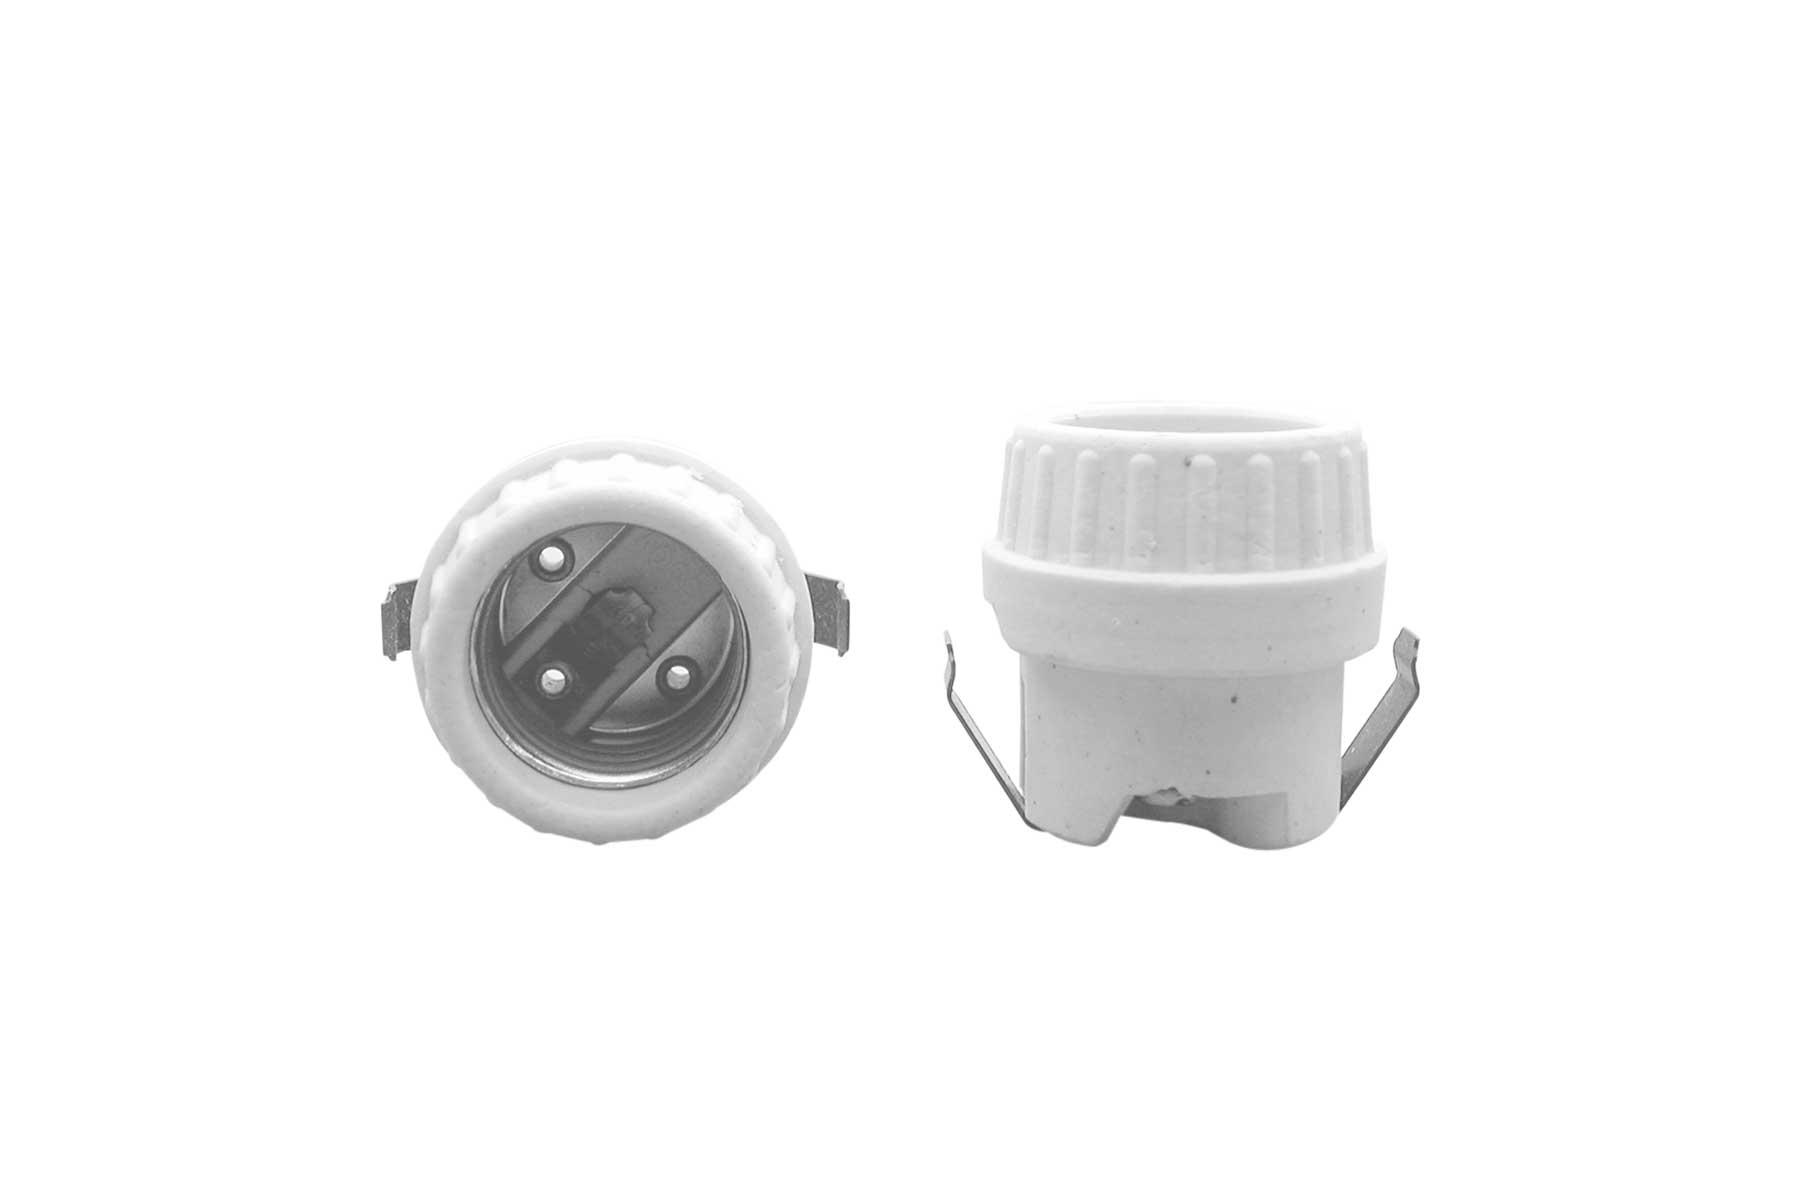 4KV Pulse Rated Medium Base Porcelain Incandescent Light Socket